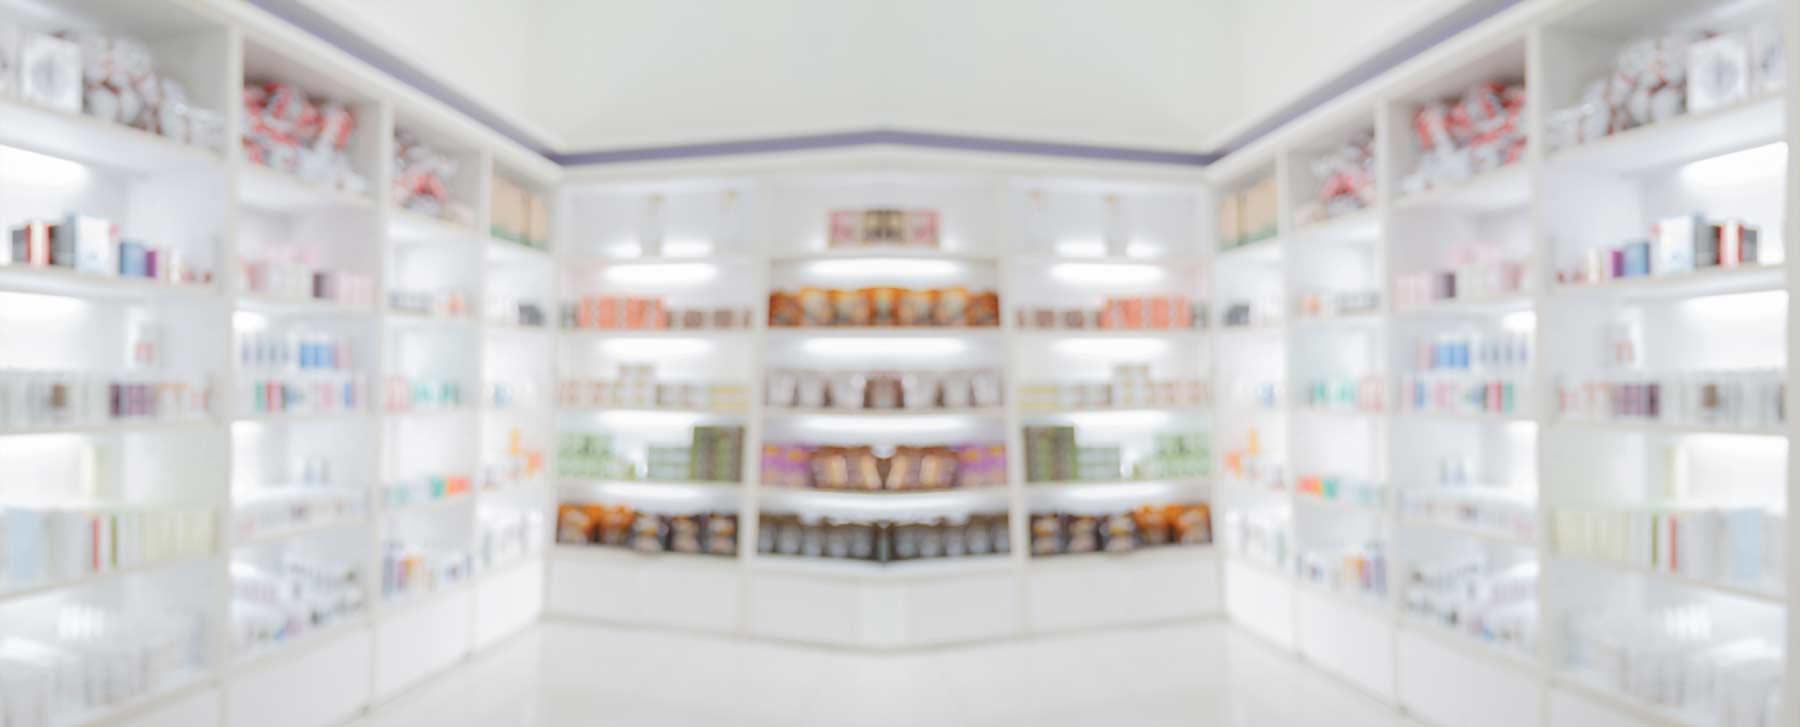 la Pharmacie du Donjon propose à une large patientèle de la région des produits pharmaceutiques